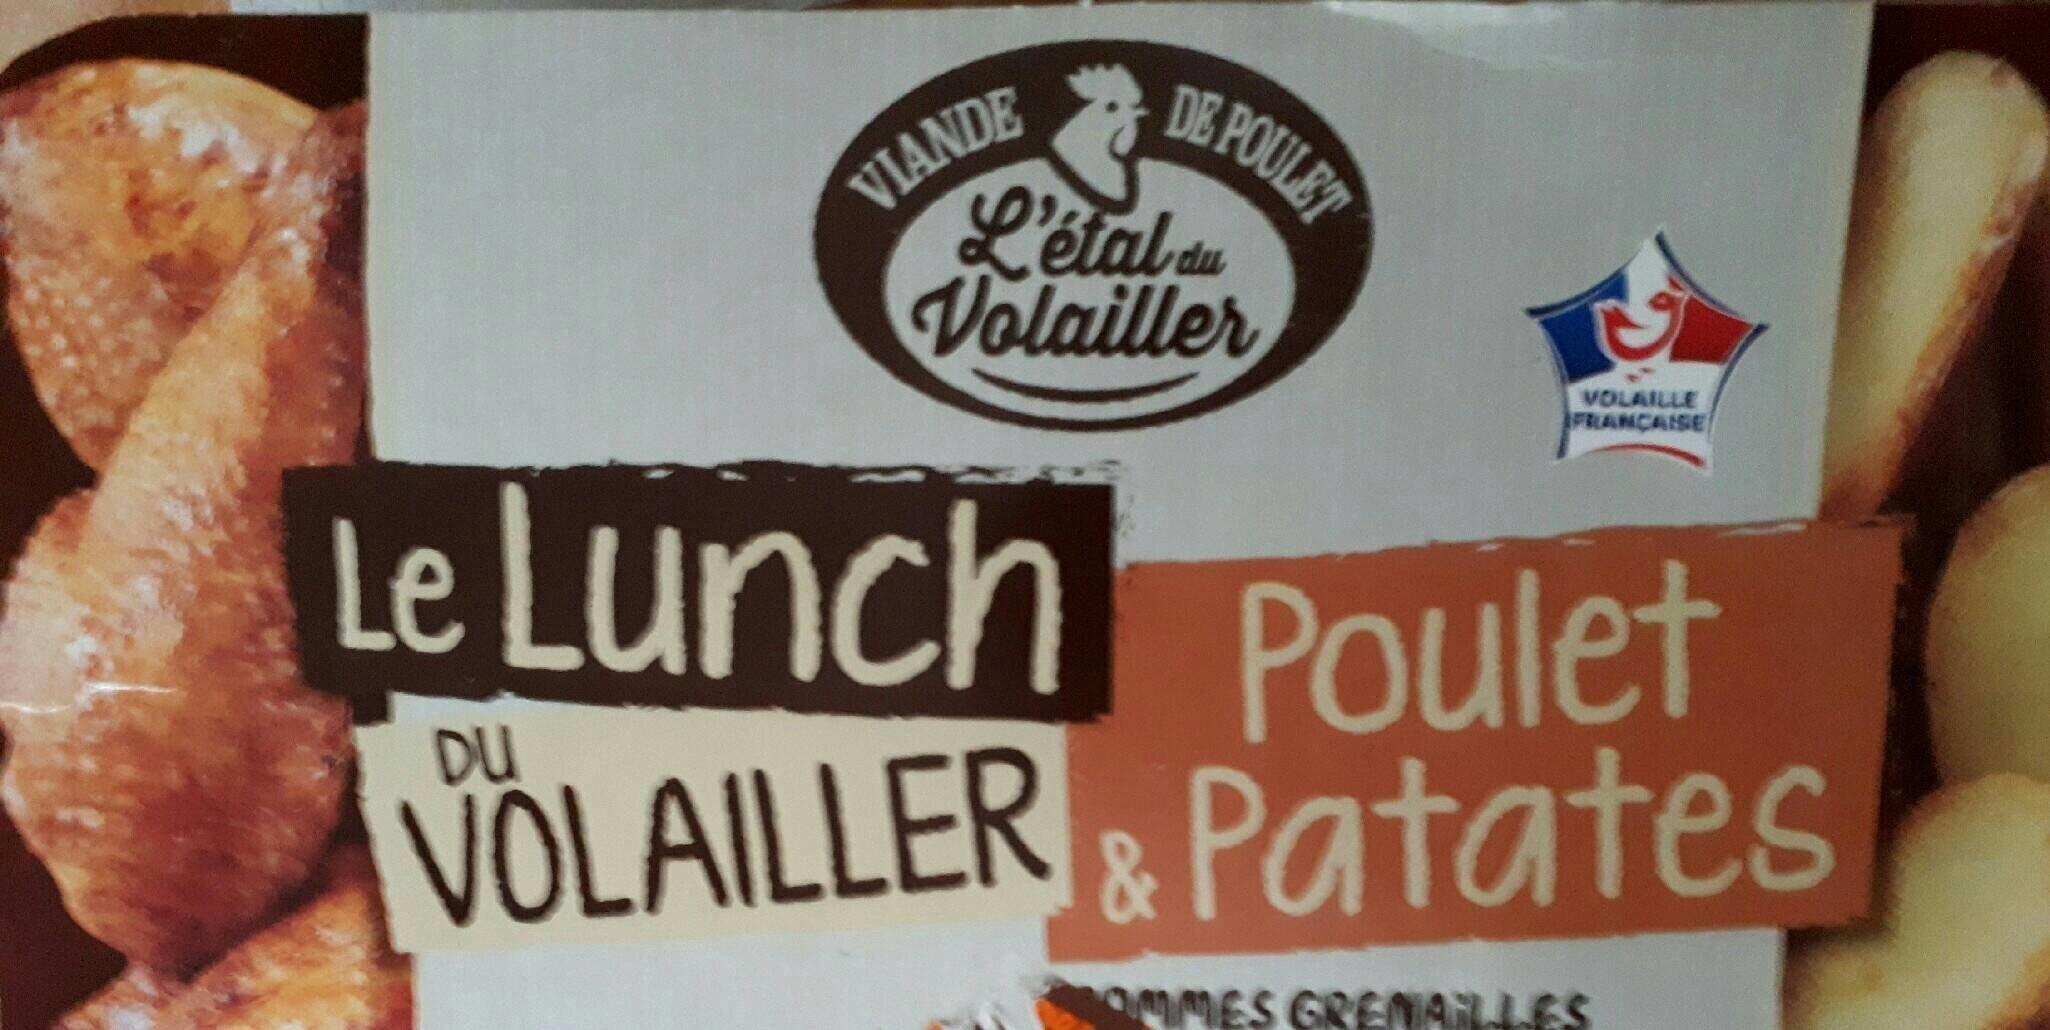 Le lunch du volailler. Poulet et patates - Product - fr